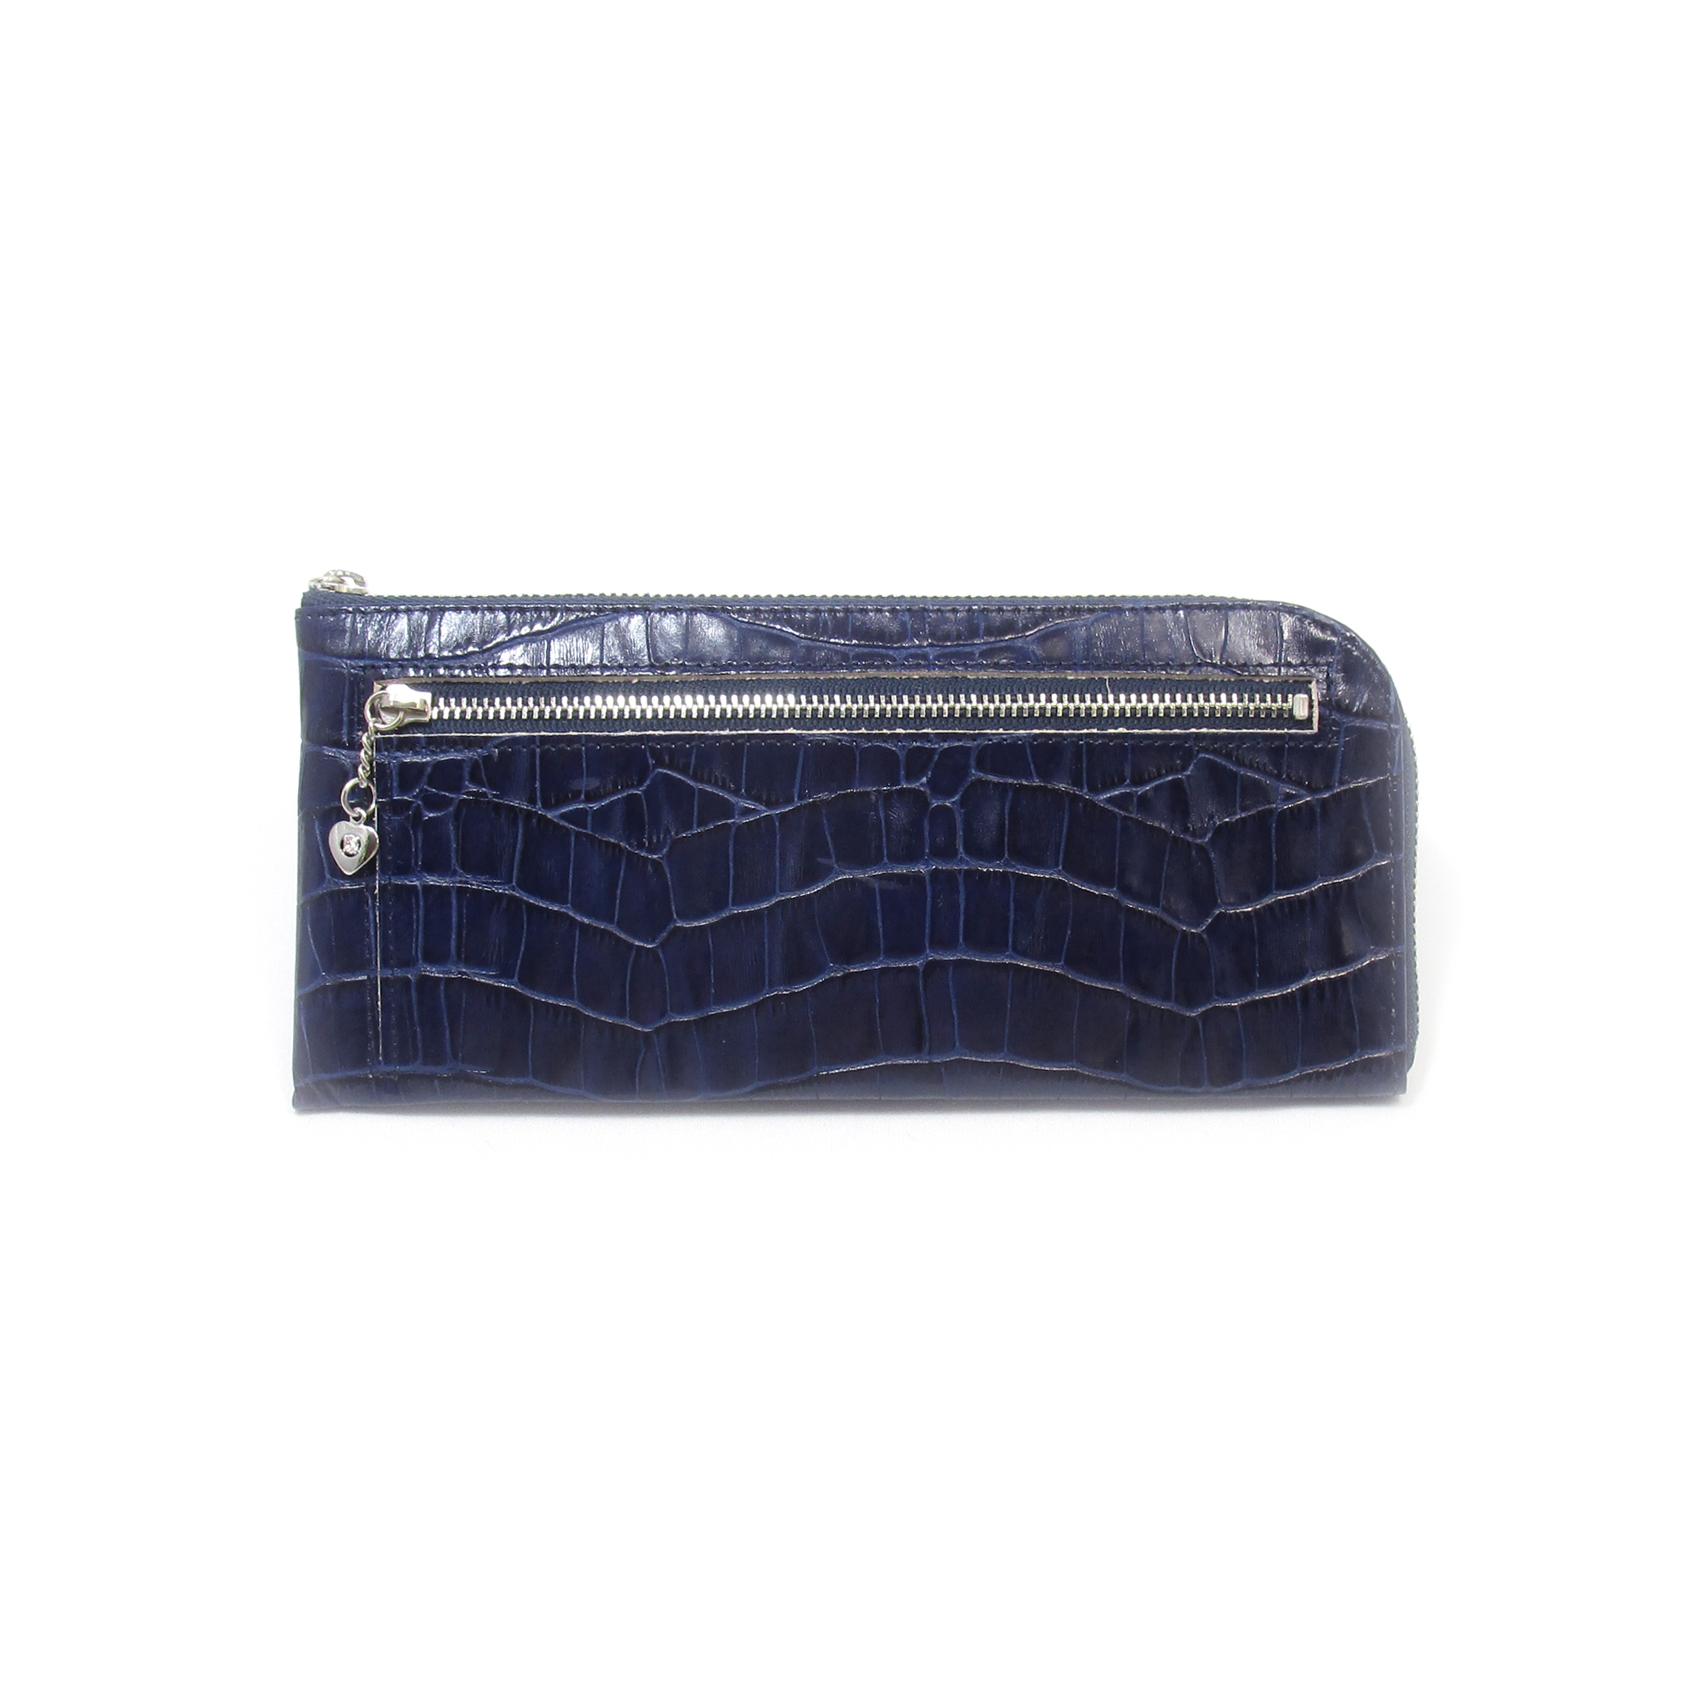 《ビージュエルド》クロコ型押し薄型長財布<ウレタン染色>・キラリと輝くスワロフスキー【ネイビー】